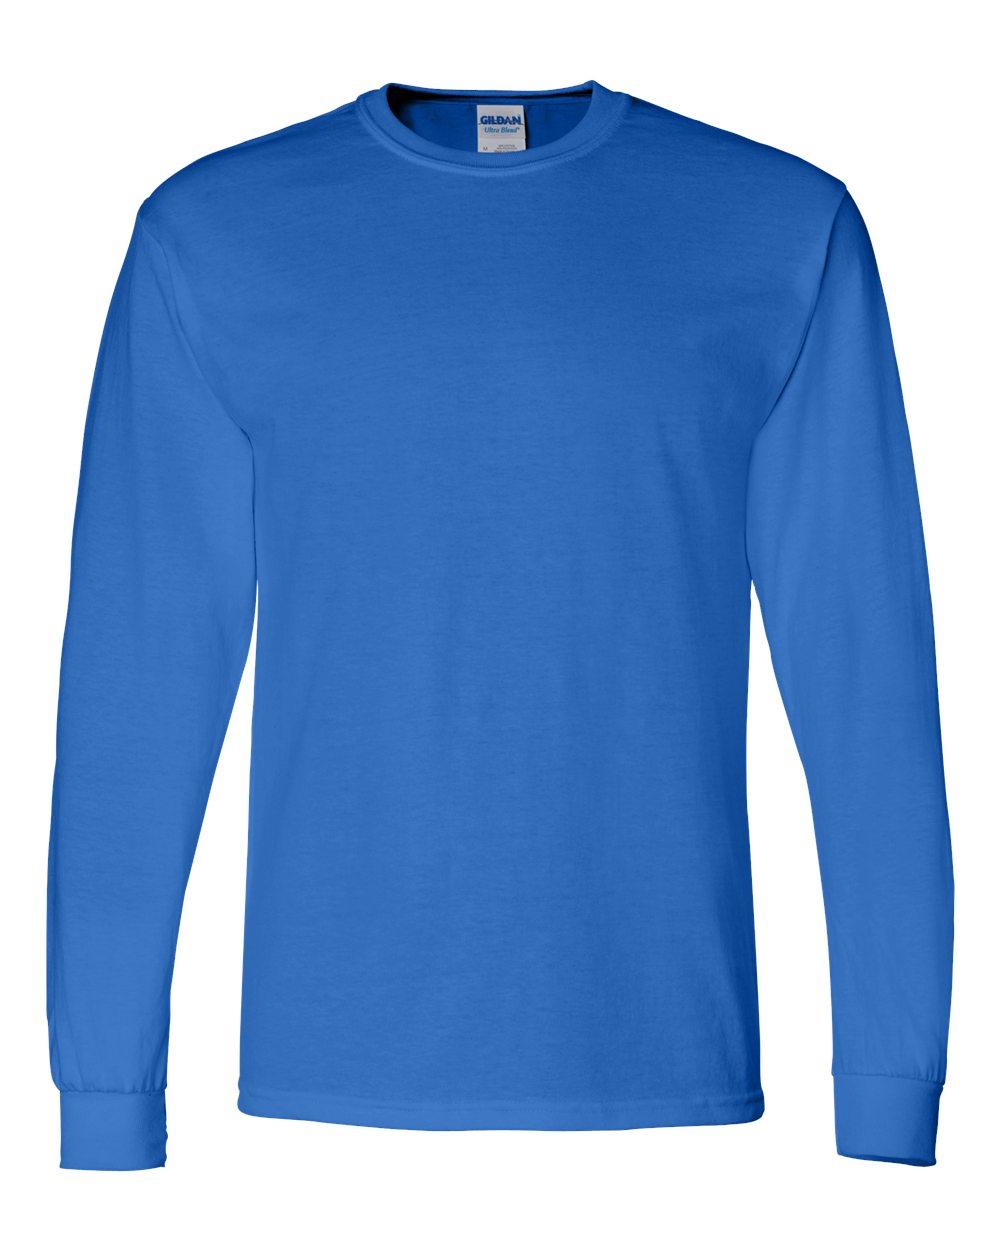 Gildan-Mens-Blank-DryBlend-50-50-Cotton-Long-Sleeve-T-Shirt-8400-up-to-3XL miniature 36